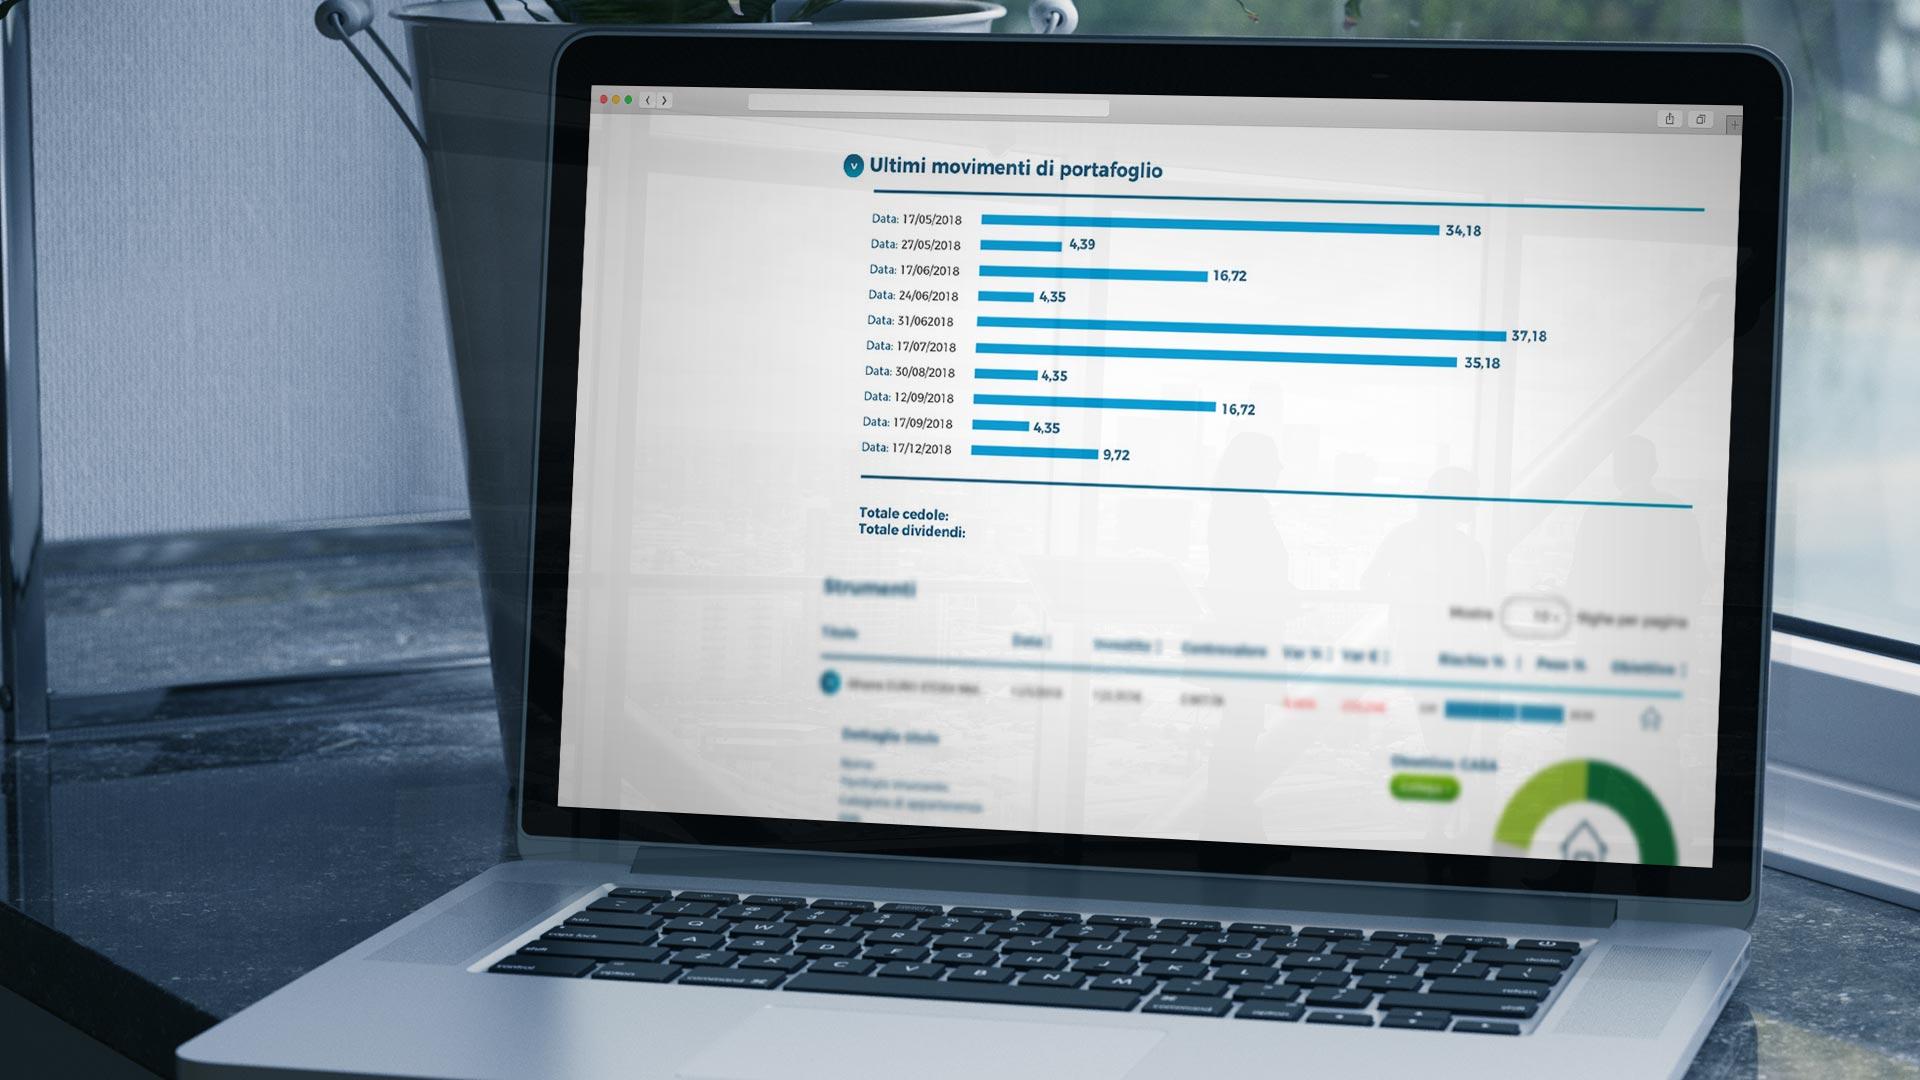 Piattaforma consulenti finanziari: rendimento portafoglio finanziario cliente - Fairvalyou